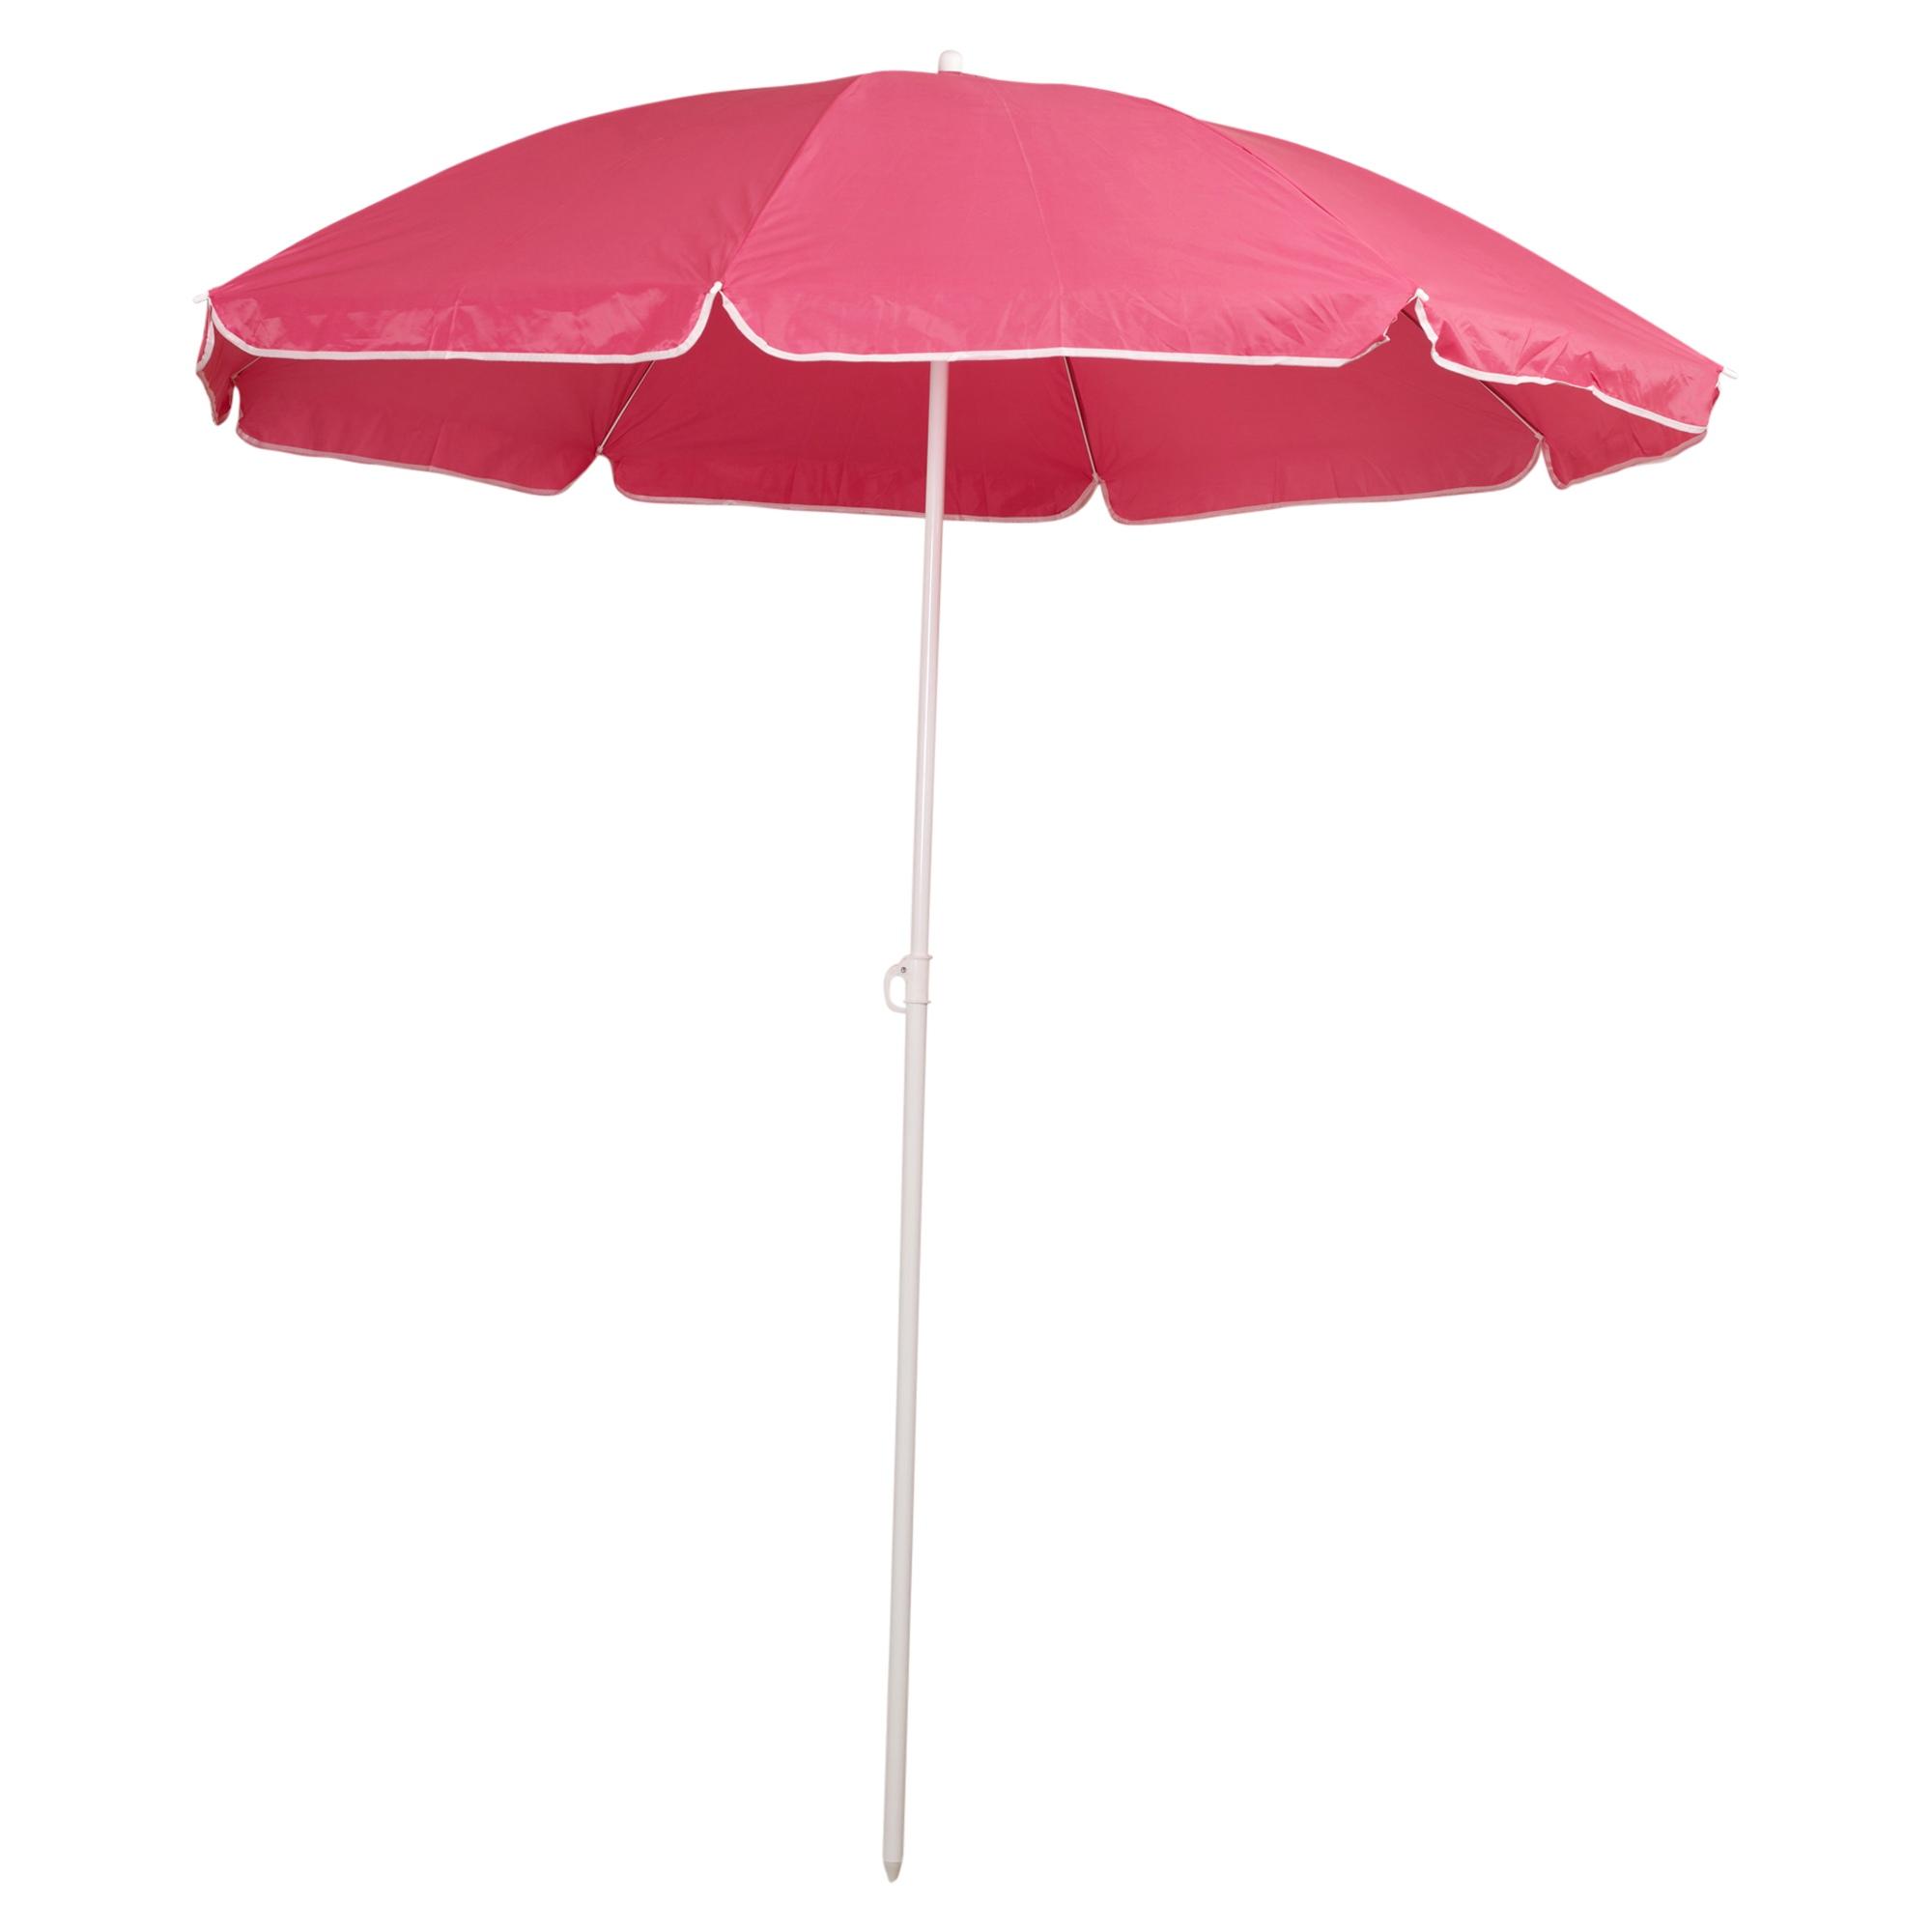 Patio Umbrella Uv Protection: Garden Beach Deck Chair Parasol Umbrella Sunshade Spike